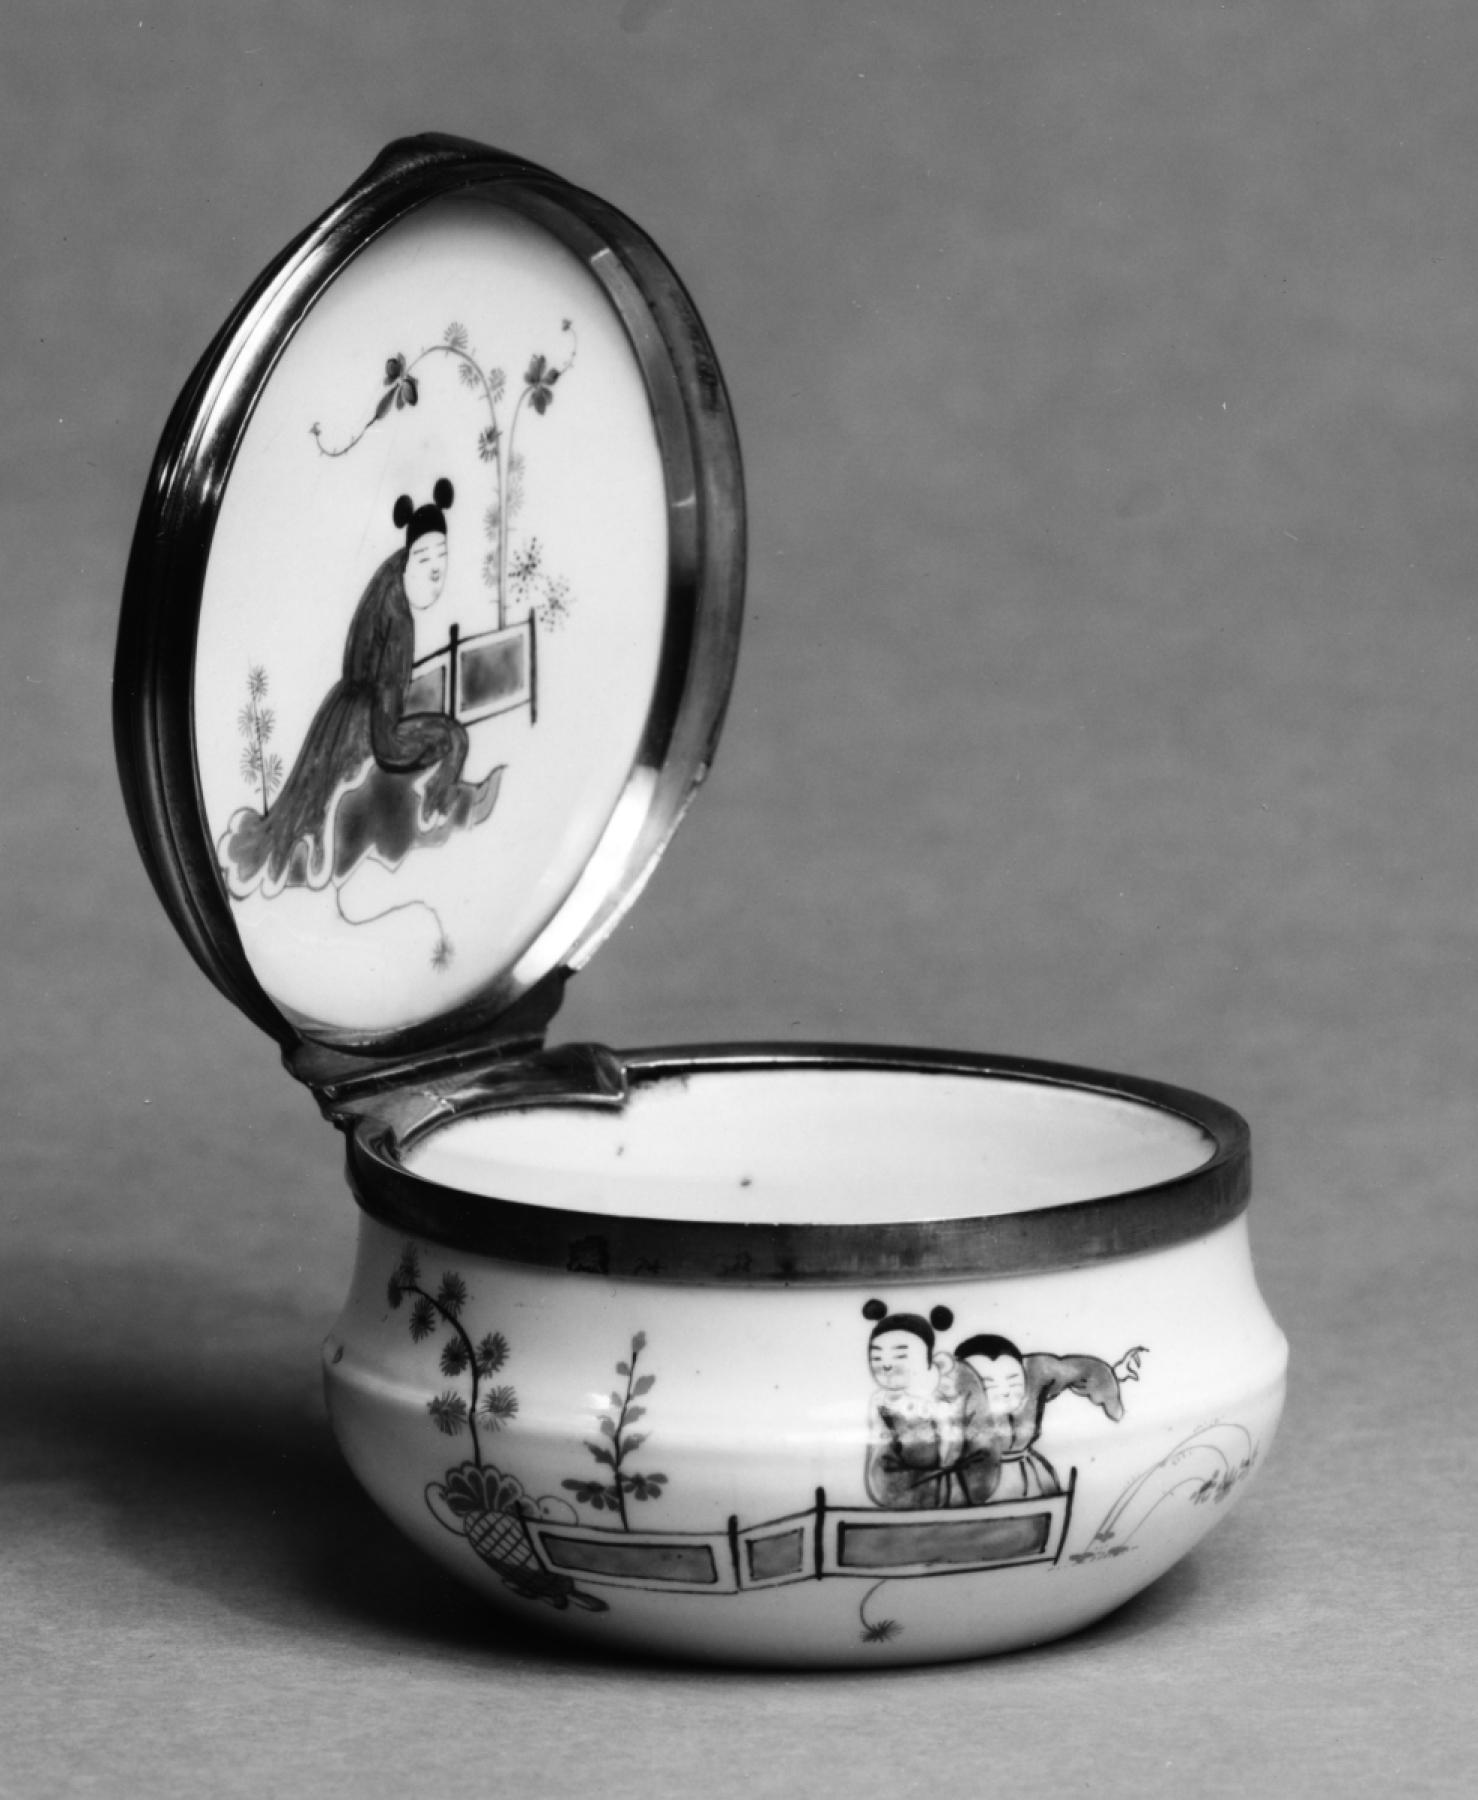 Artificial porcelain